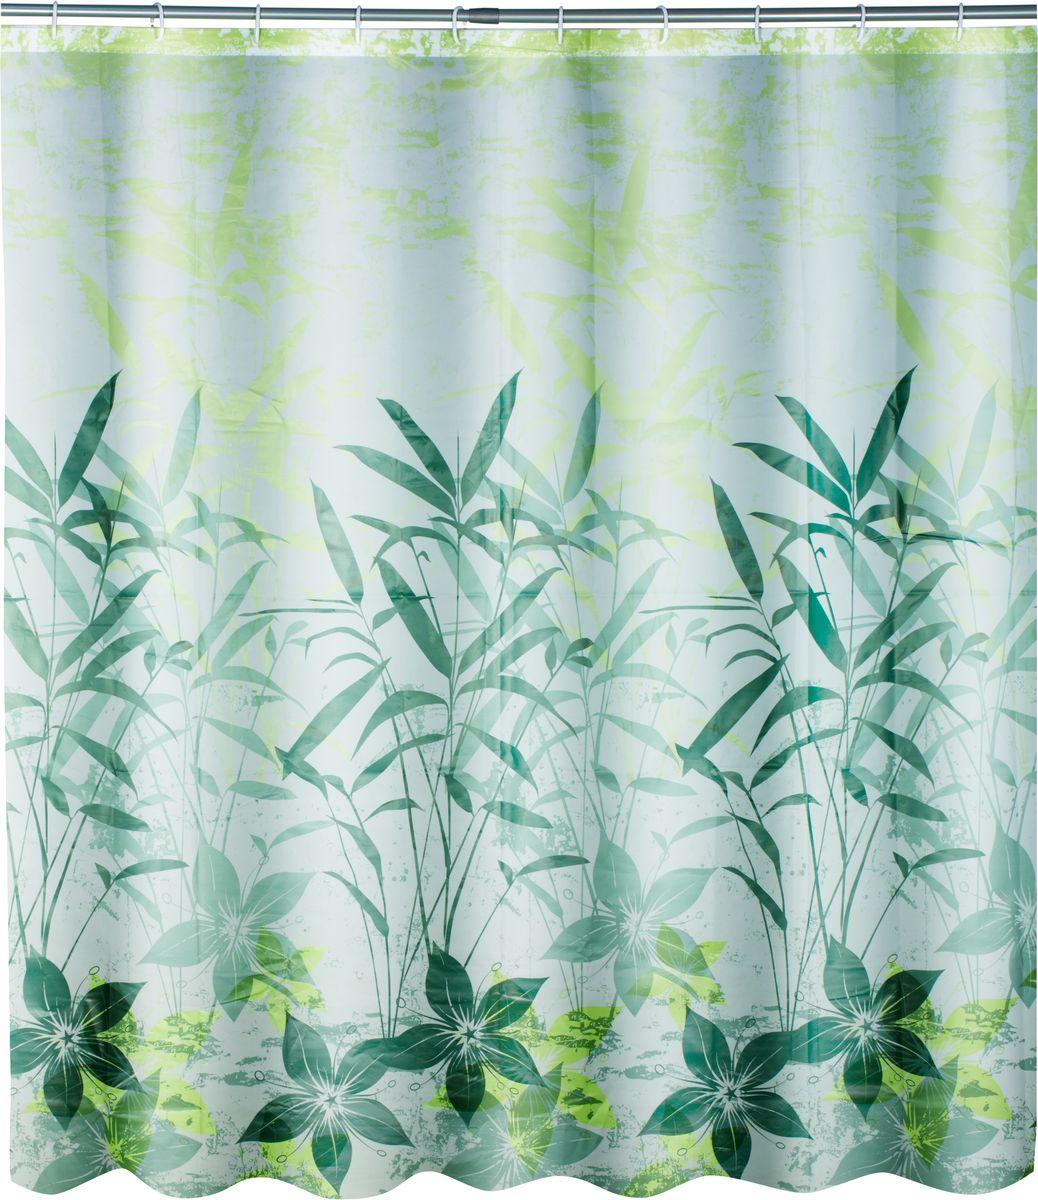 Штора для ванной Swensa Grass, цвет: зеленый, 180 х 180 смSWC-50-01Штора выполненна из такого материала как ПЕВА и EVA (вспененный этиленвинилацетат) и оформлена оригинальным рисунком. Она надежно защитит от брызг и капель пространство вашей ванной комнаты в то время, пока вы принимаете душ. В верхней кромке шторы предусмотрены отверстия для пластиковых колец, которые входят в комплект. Количество колец: 12 шт.